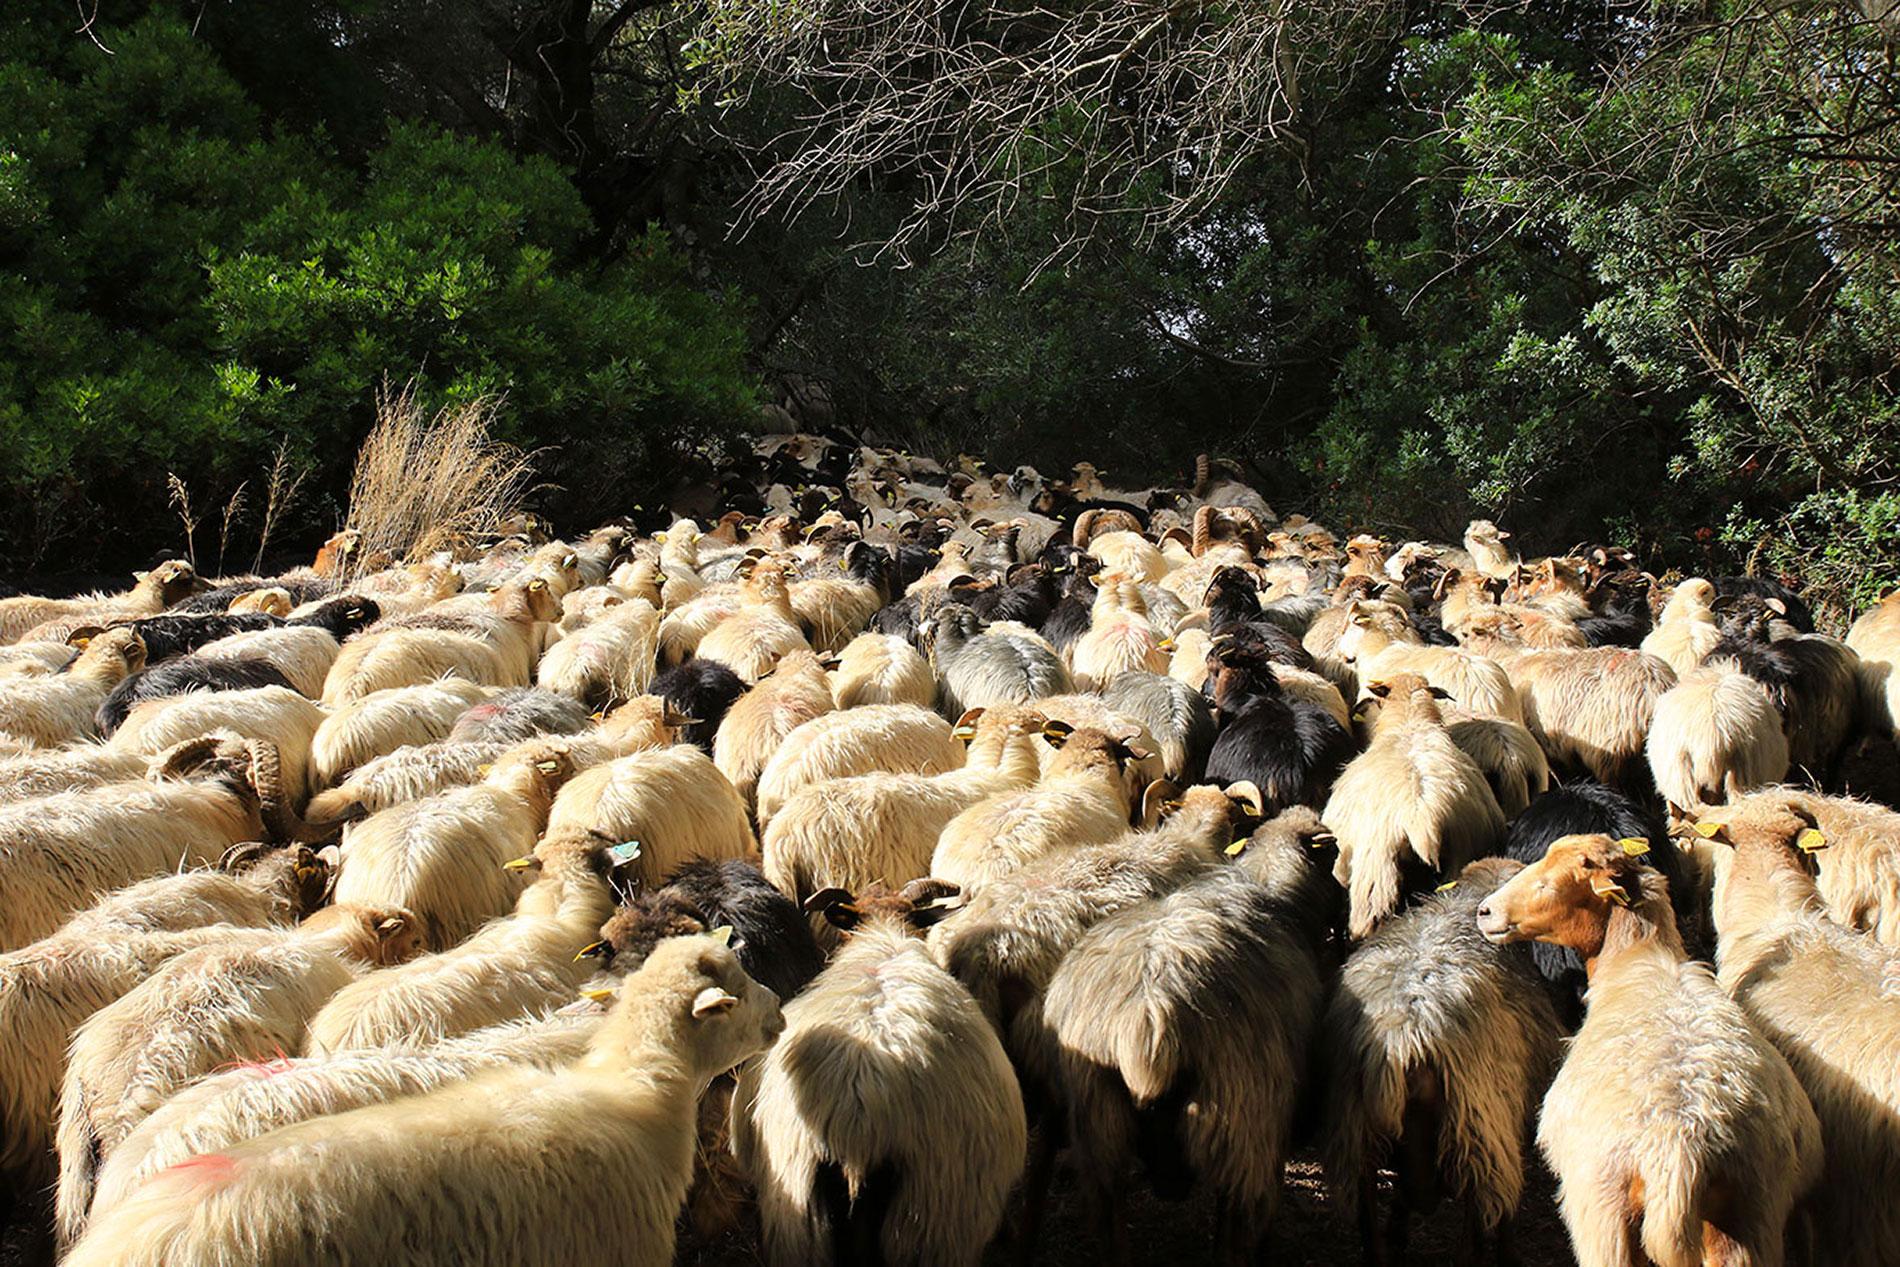 Les brebis de Valicella sur le chemin de la traite. En route vers la ferme.